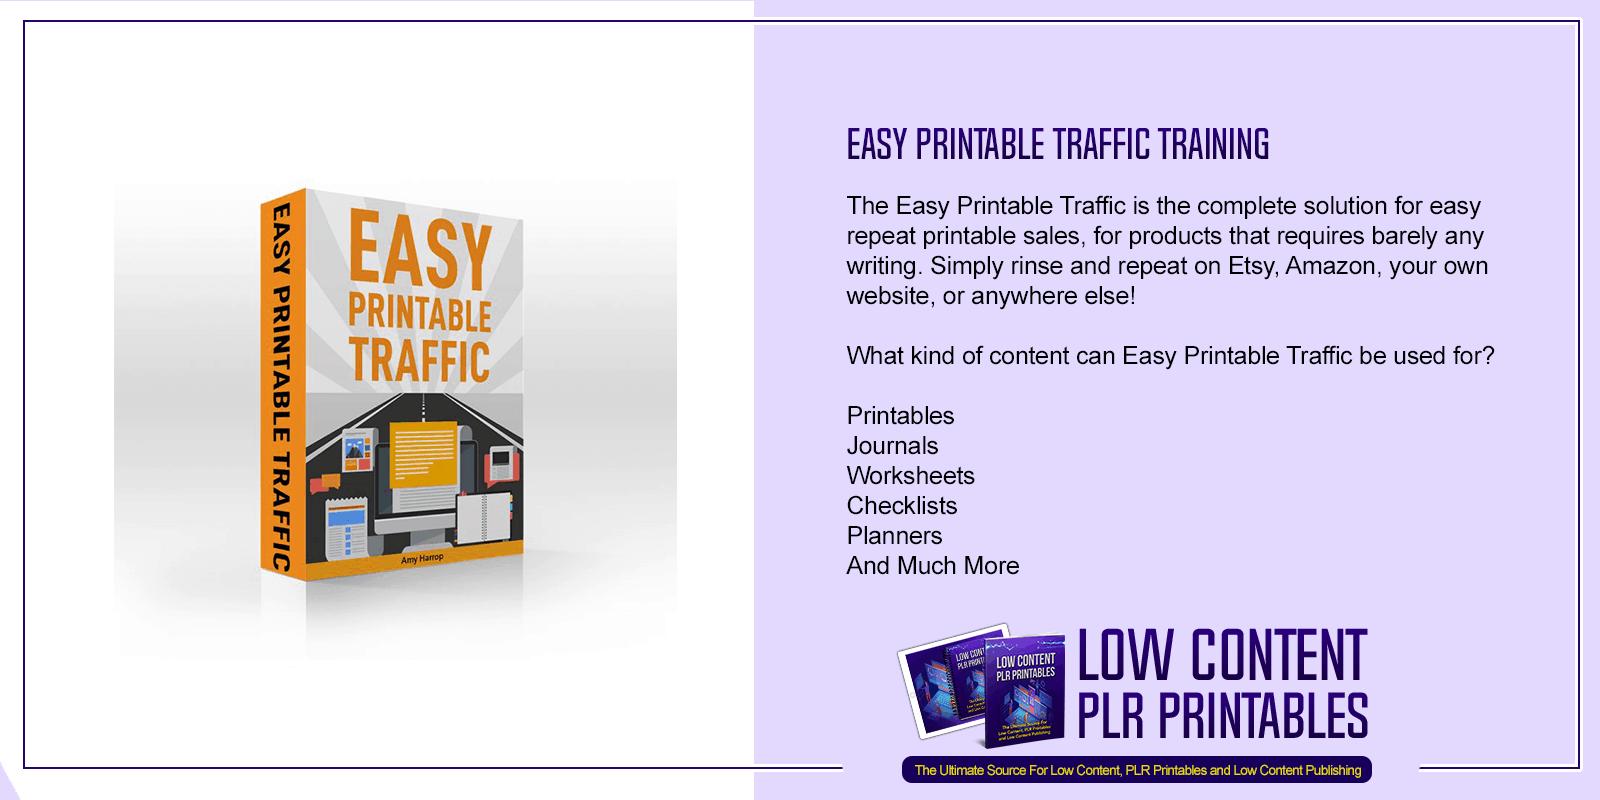 Easy Printable Traffic Training